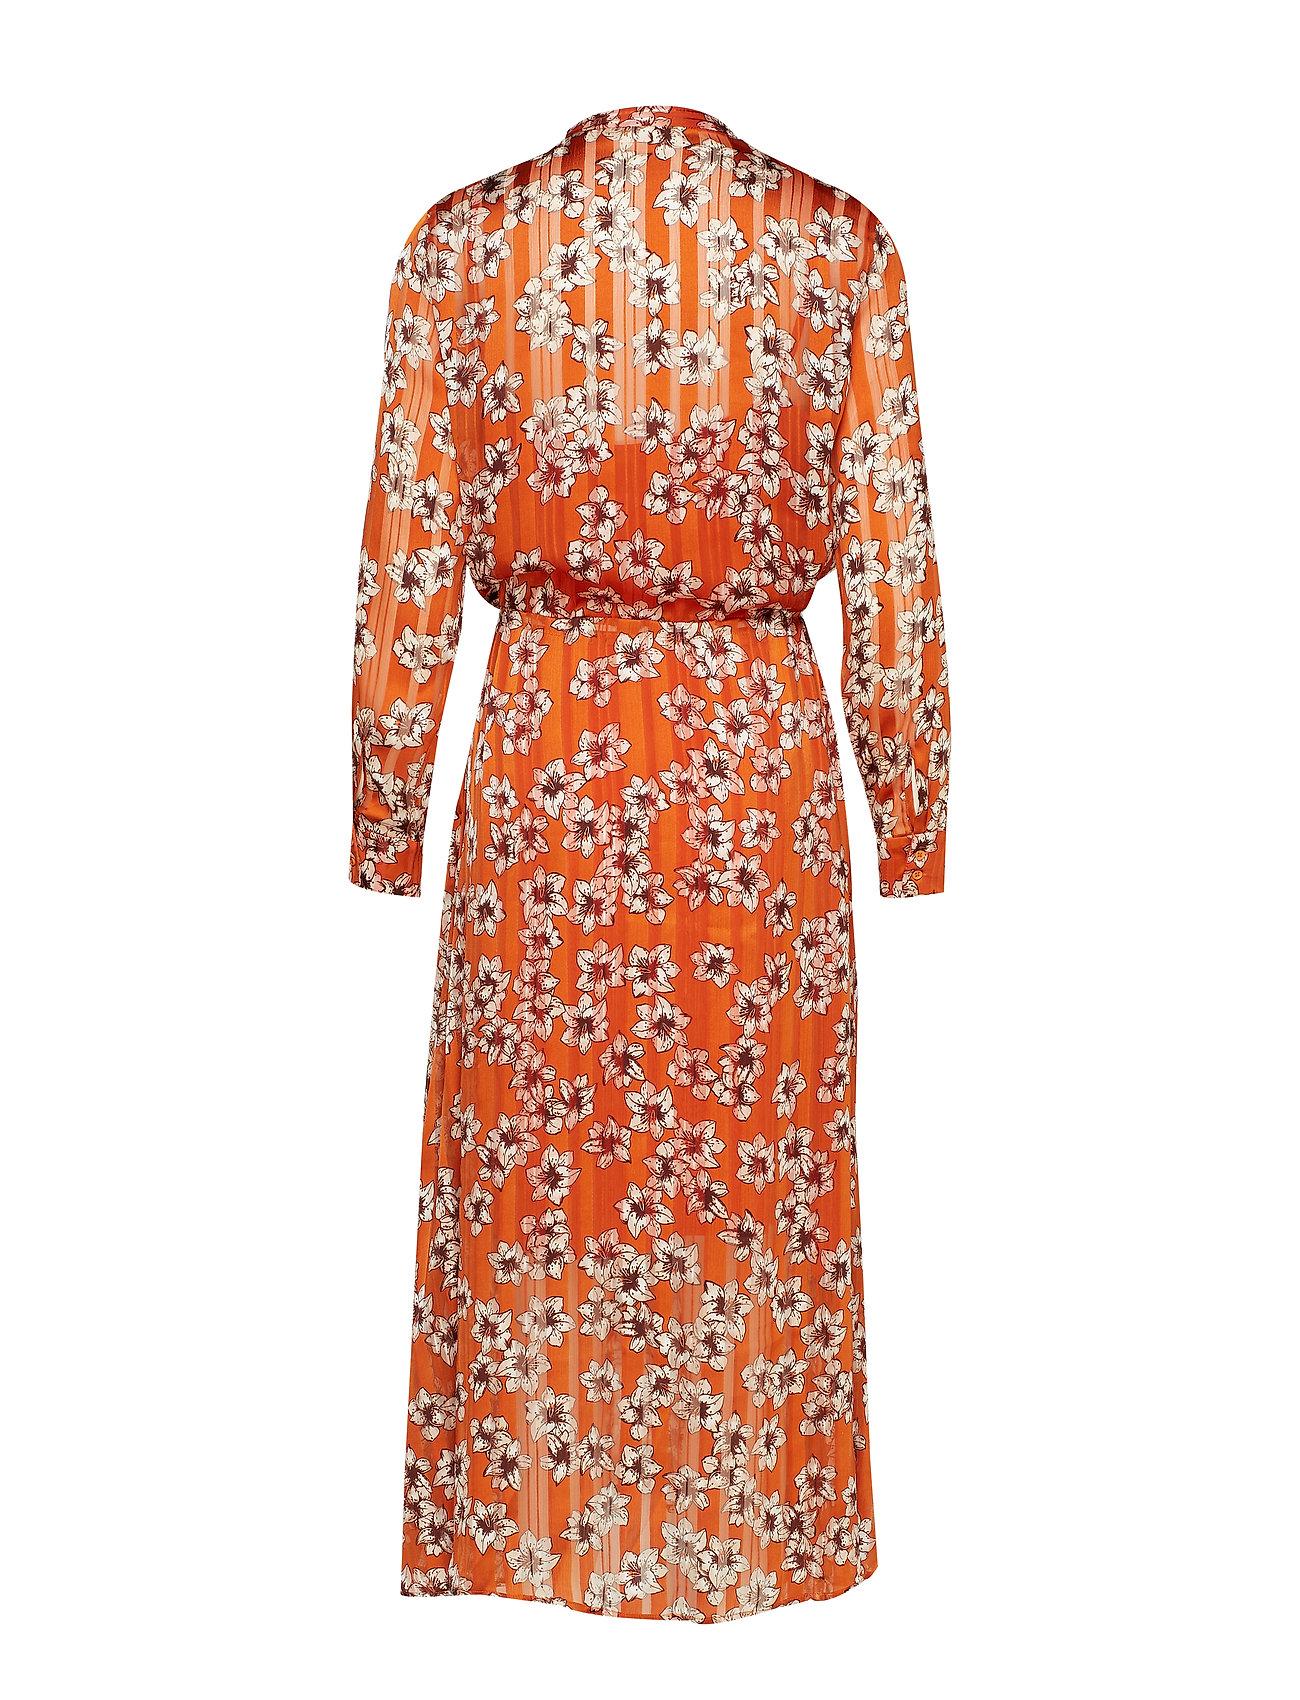 FlowerInwear Hibiscus Zilmaiw Hilma Dressgold Flame mn0vNwOyP8